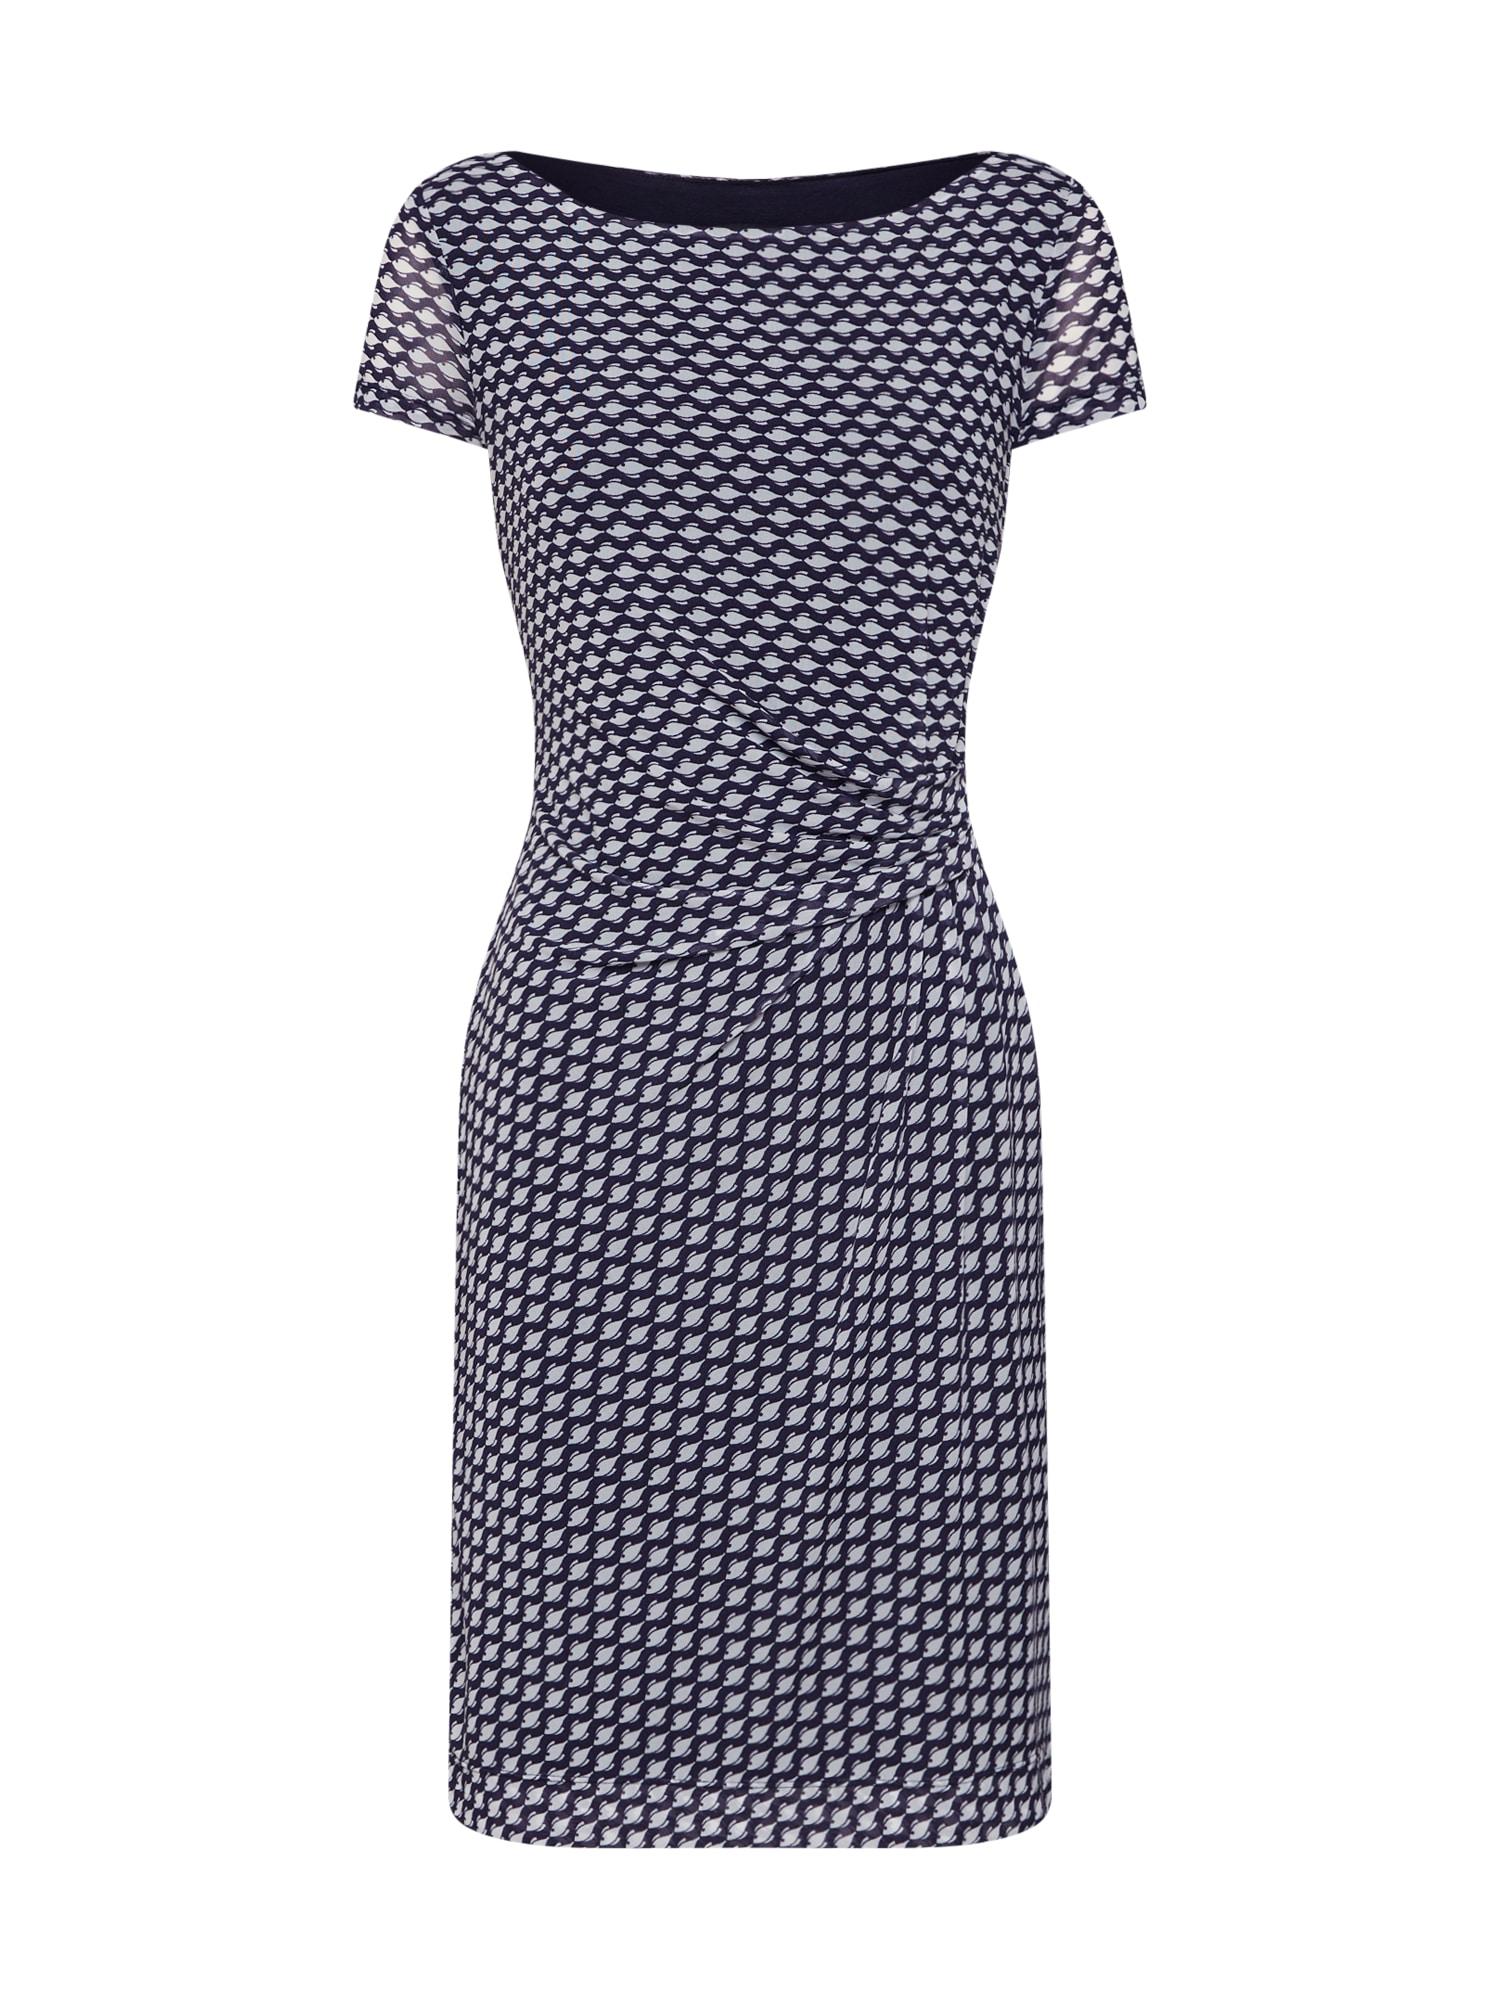 Pouzdrové šaty tmavě modrá mix barev COMMA